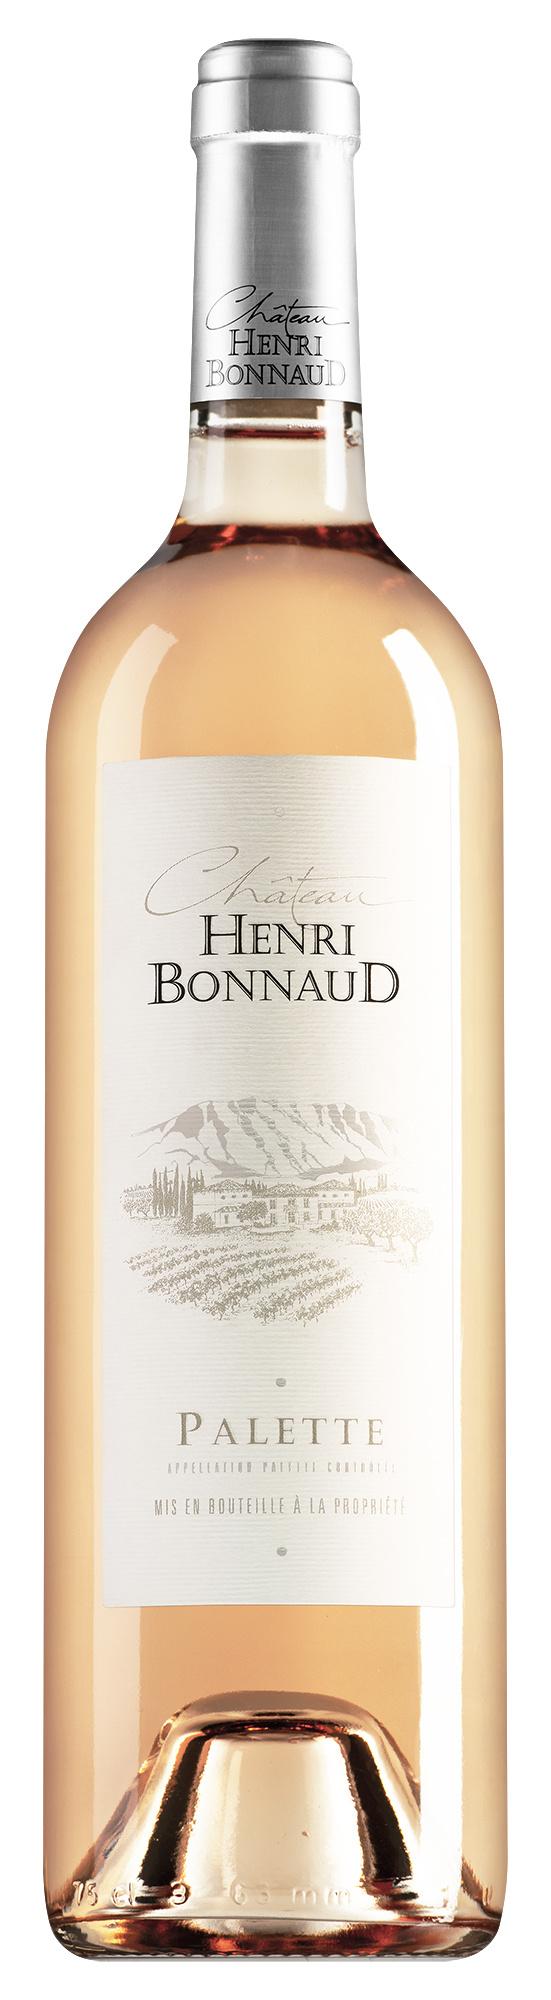 Château Henri Bonnaud Palette rosé 2020